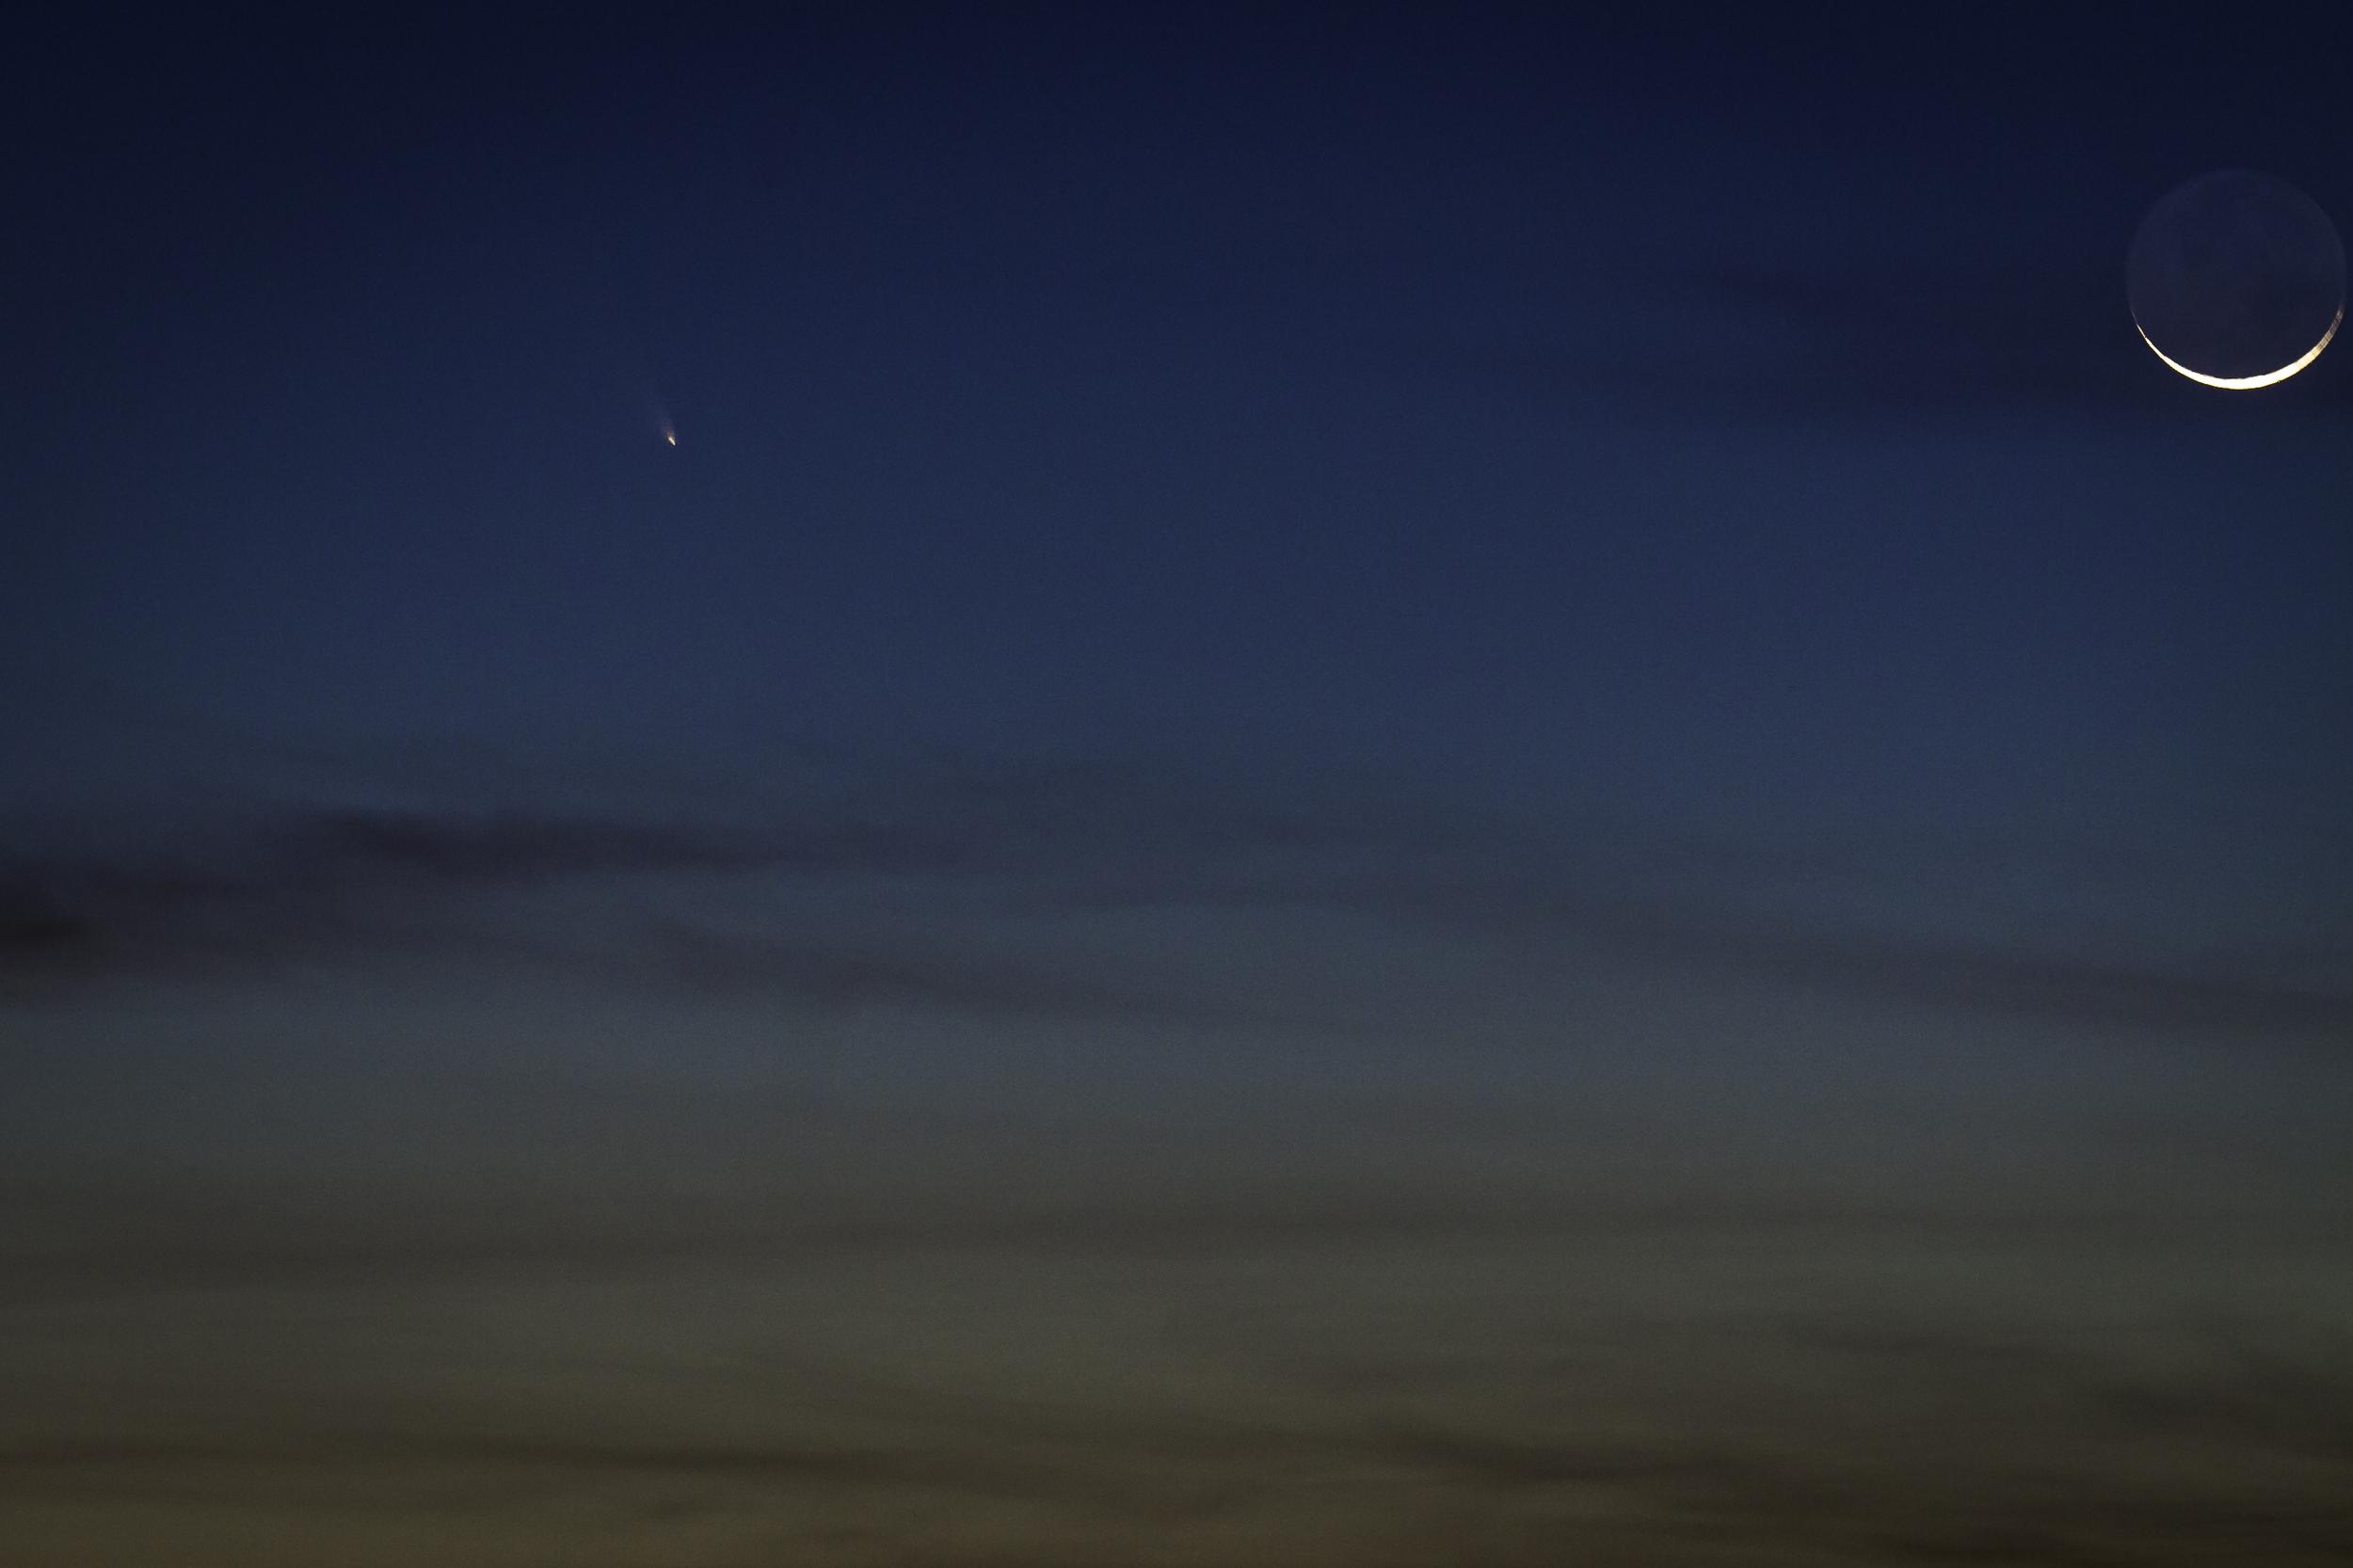 Comet Pan_Starrs -- Summit Road, Santa Cruz Mountains, California